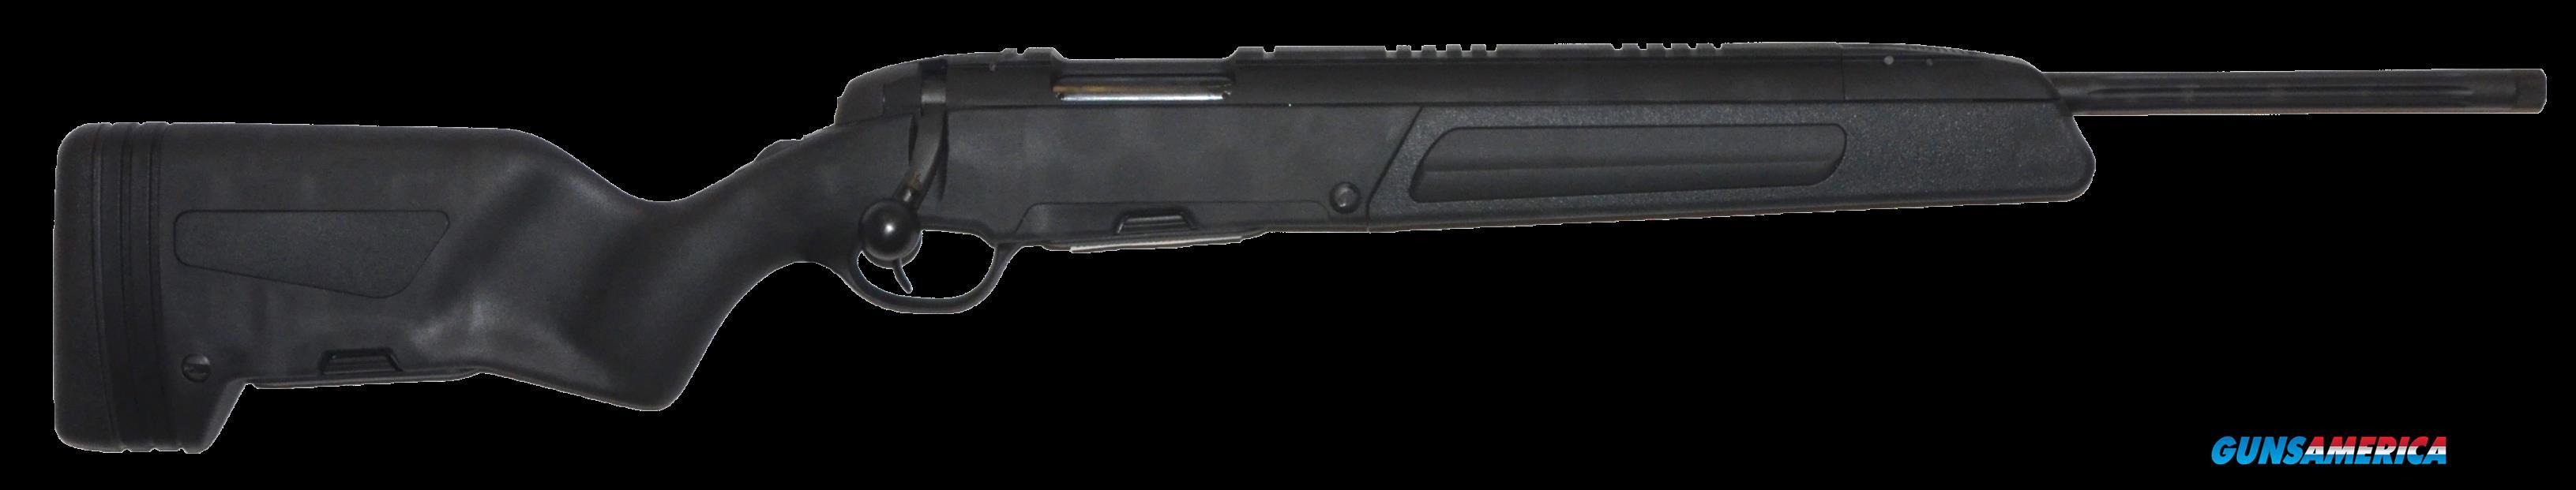 Steyr Scout, Steyr 26.346.3b      Scout 308 19 Blk Syn  Guns > Pistols > 1911 Pistol Copies (non-Colt)